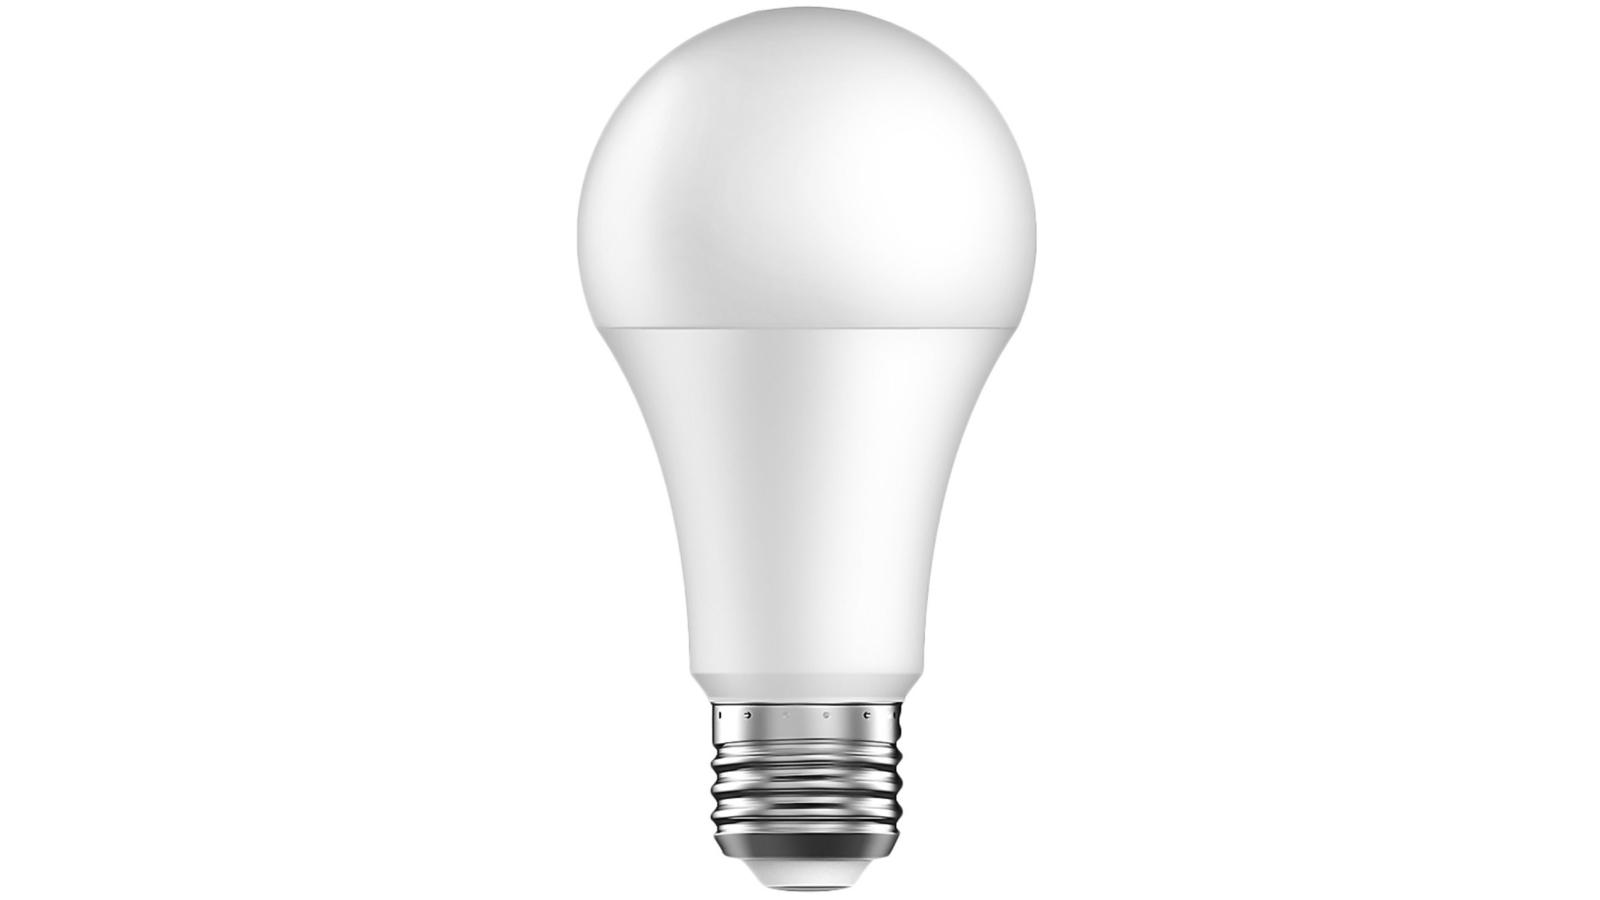 英诺赛科发力高端LED驱动领域,推出高效高端解决方案